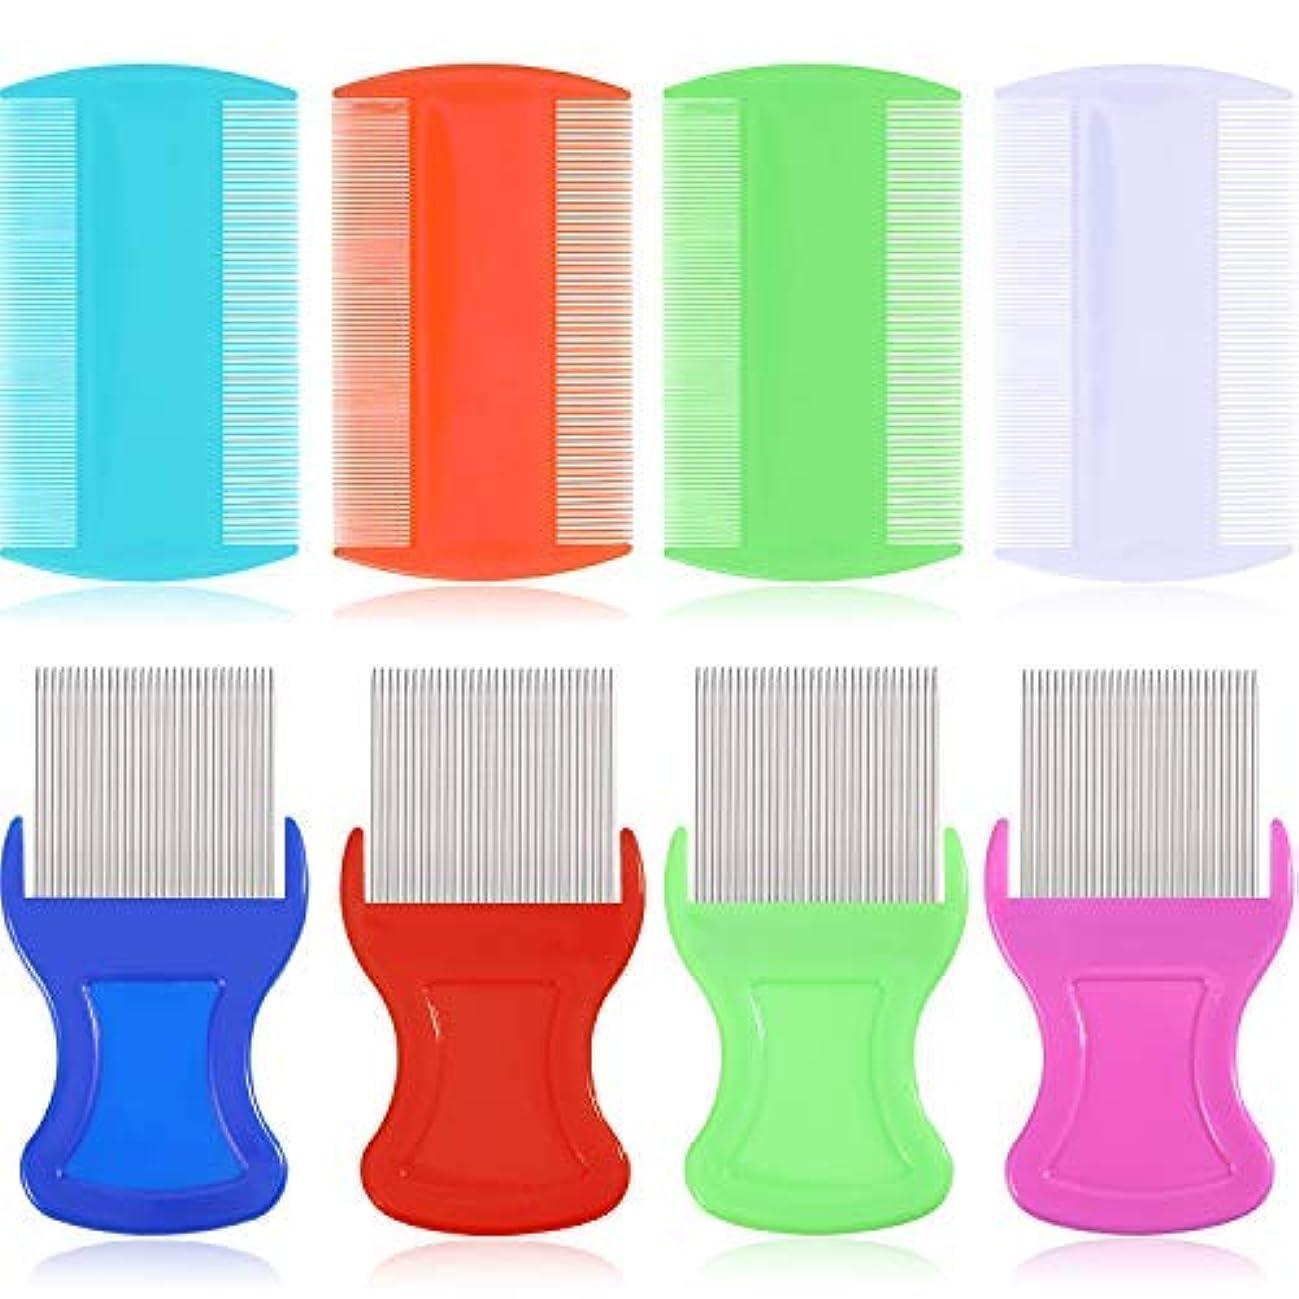 主観的疑い者顕微鏡8 Pieces Flea Lice Comb Lice Removal Combs Include 4 Pieces Nit Remover with Metal Teeth and 4 Pieces Double Sided...